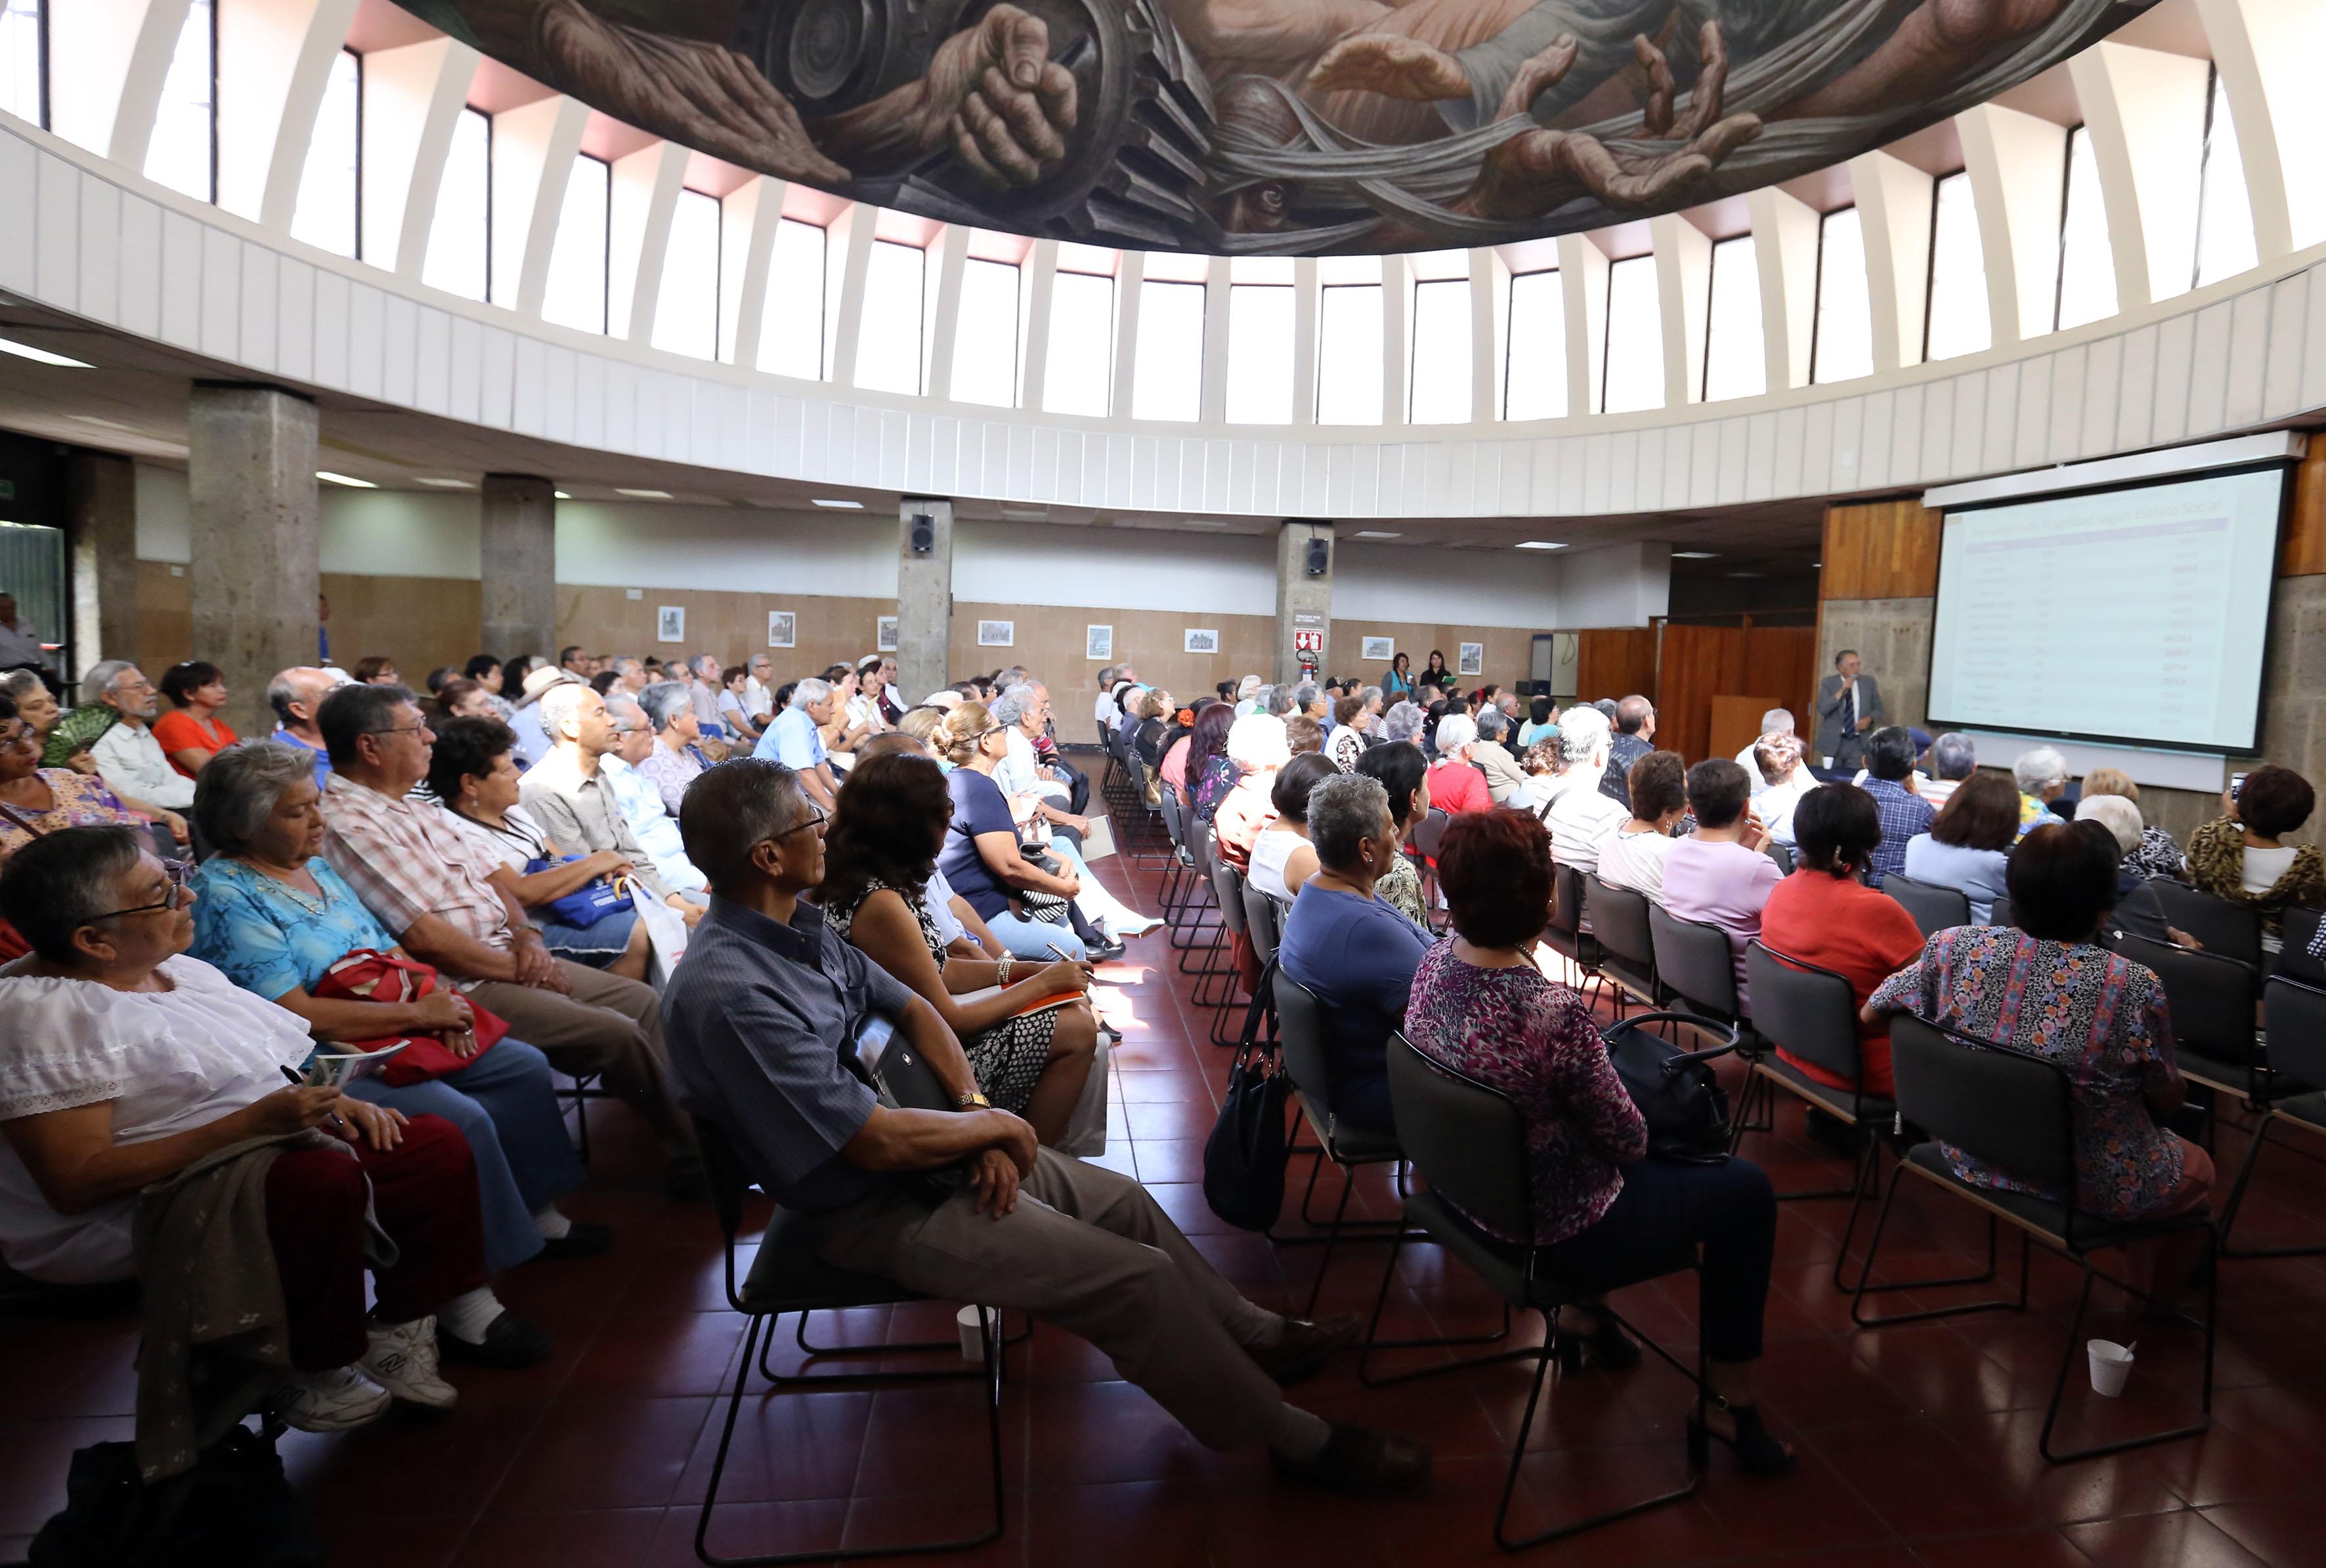 """Vista panorámica de los asistentes durante la conferencia """"La fragilidad en el adulto mayor"""", en el auditorio del CUCS."""